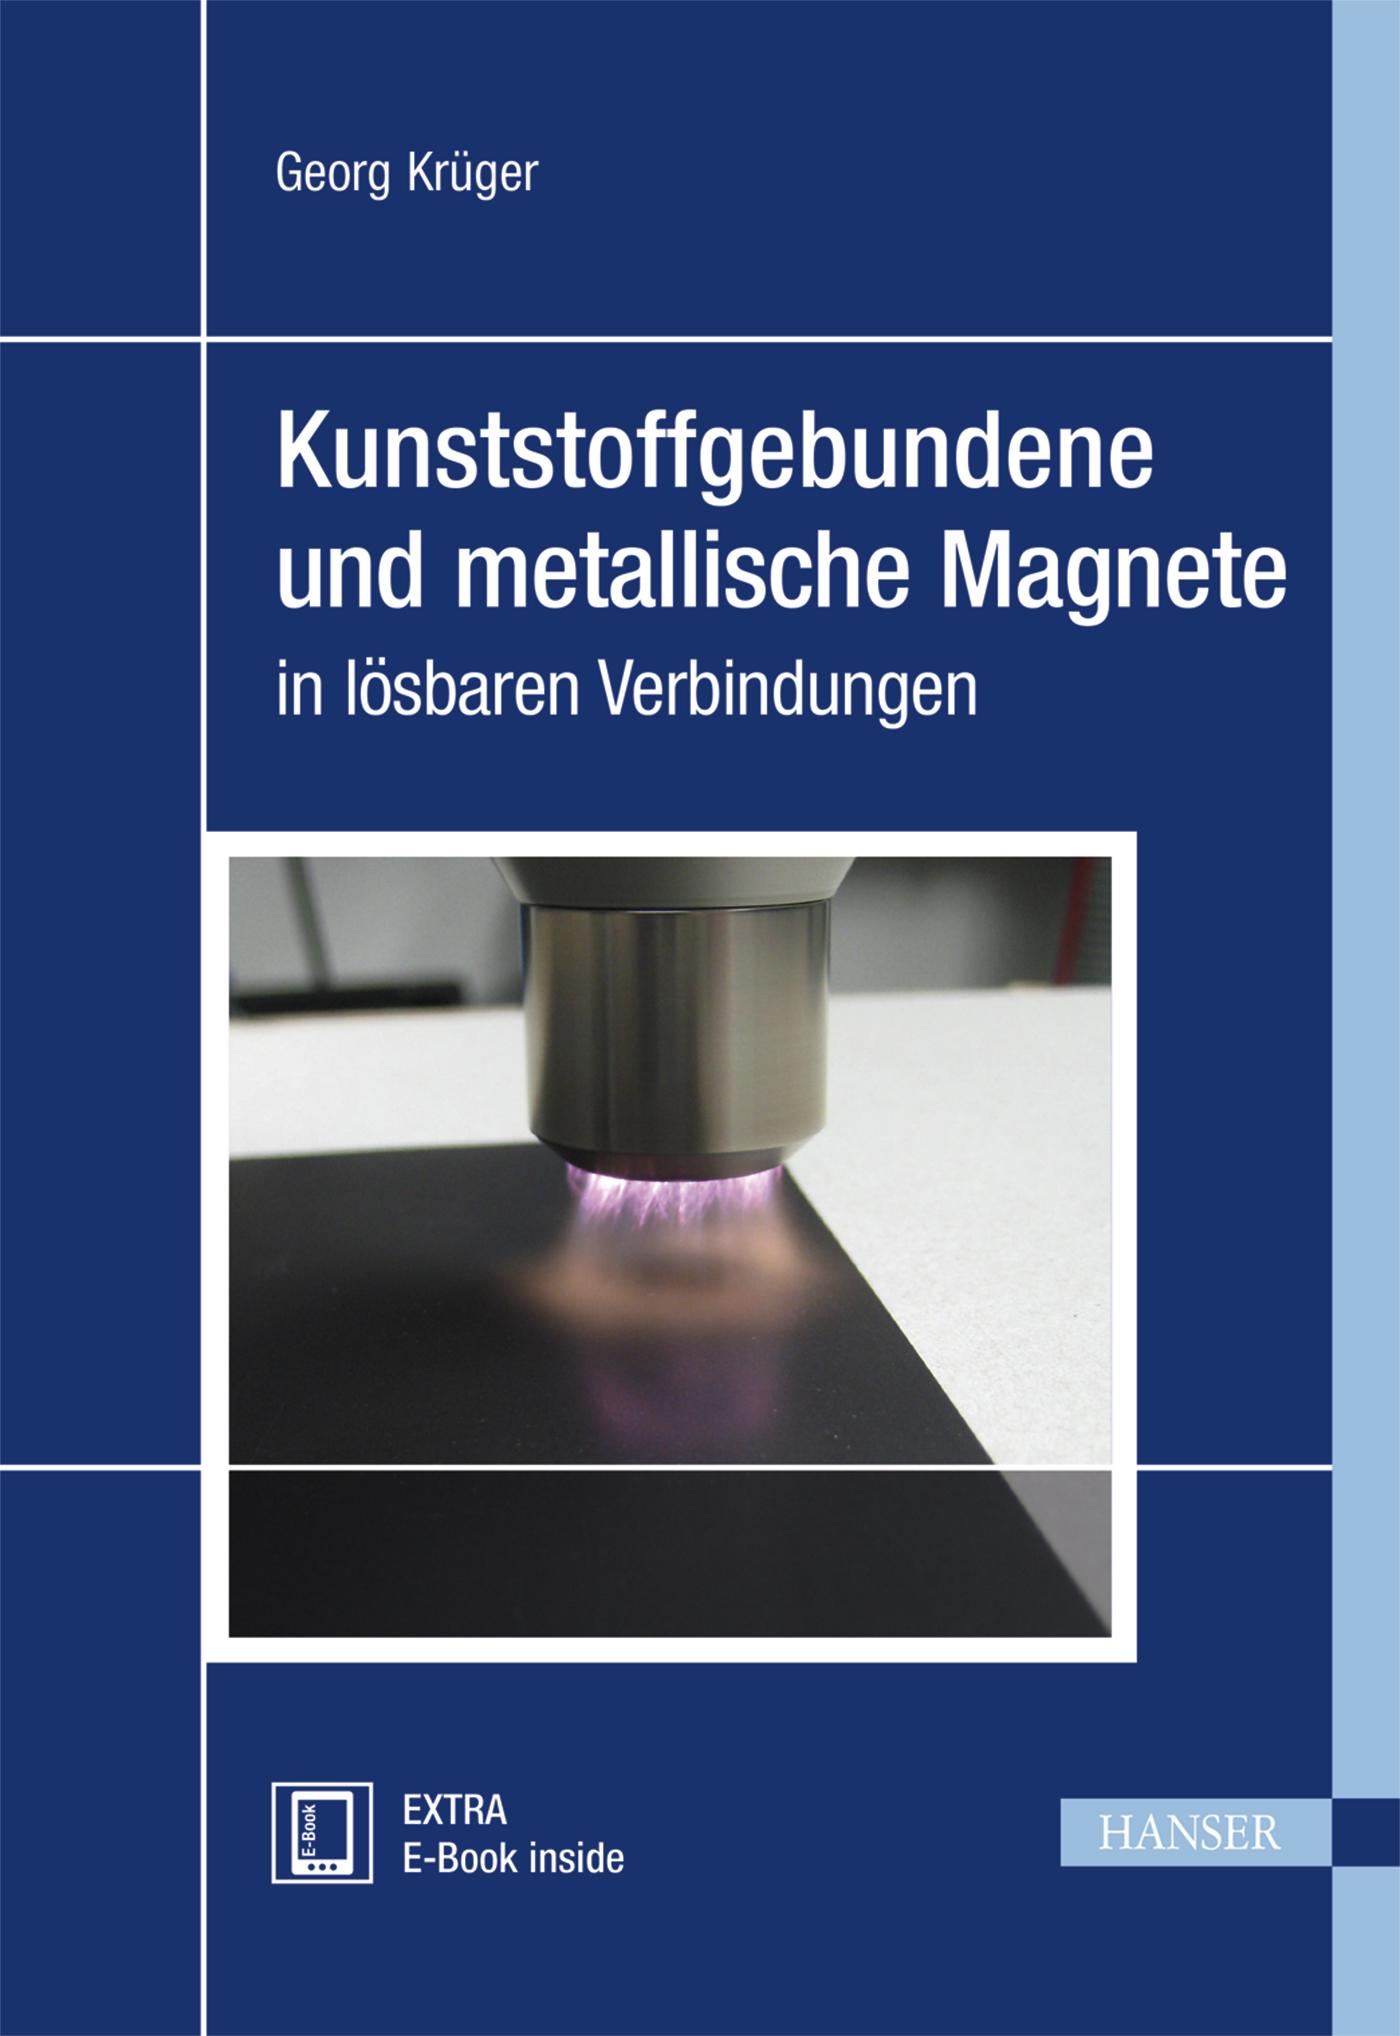 Krüger, Kunststoffgebundene und metallische Magnete in lösbaren Verbindungen, 978-3-446-44349-5